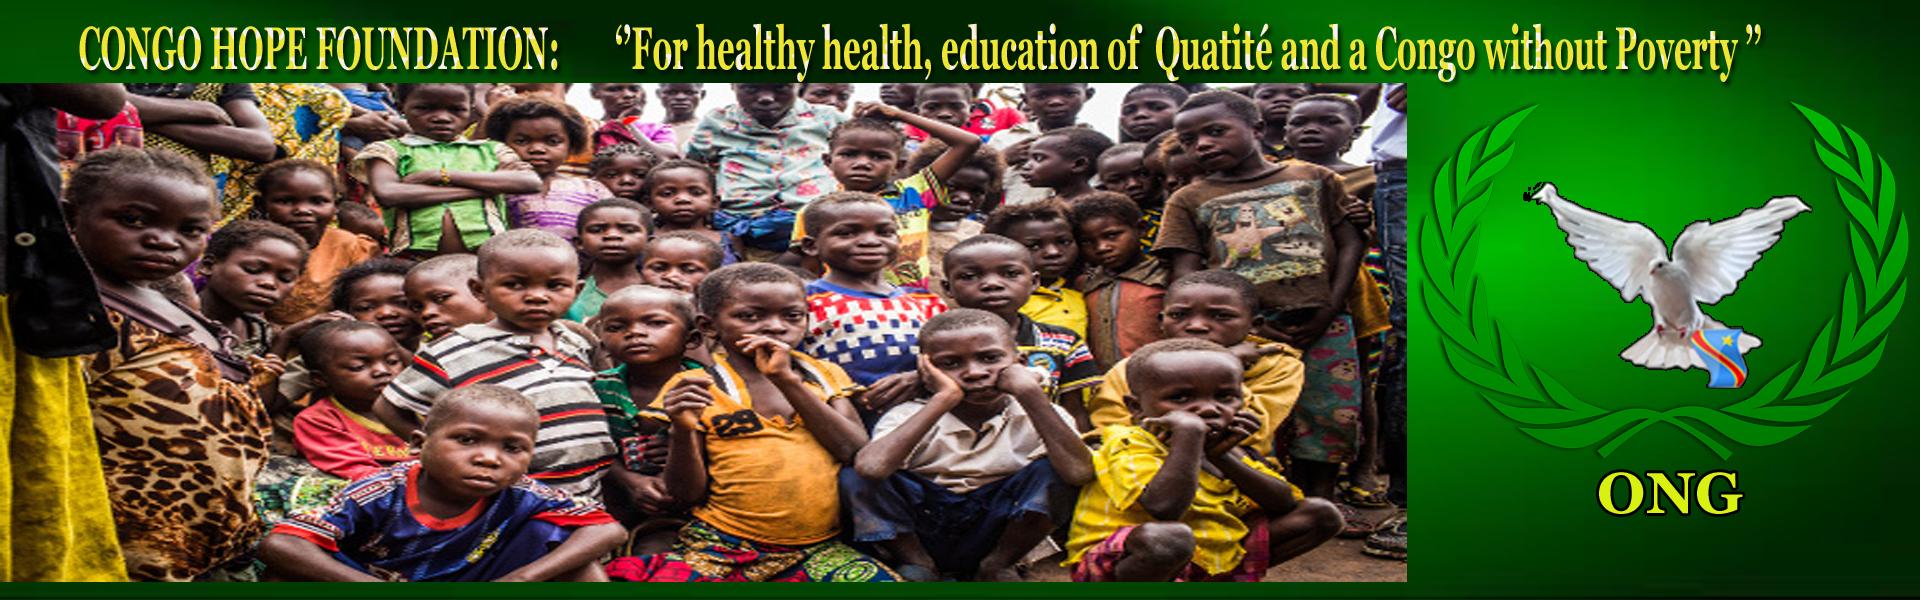 Tous pour une Santé saine et Un éducation de qualité